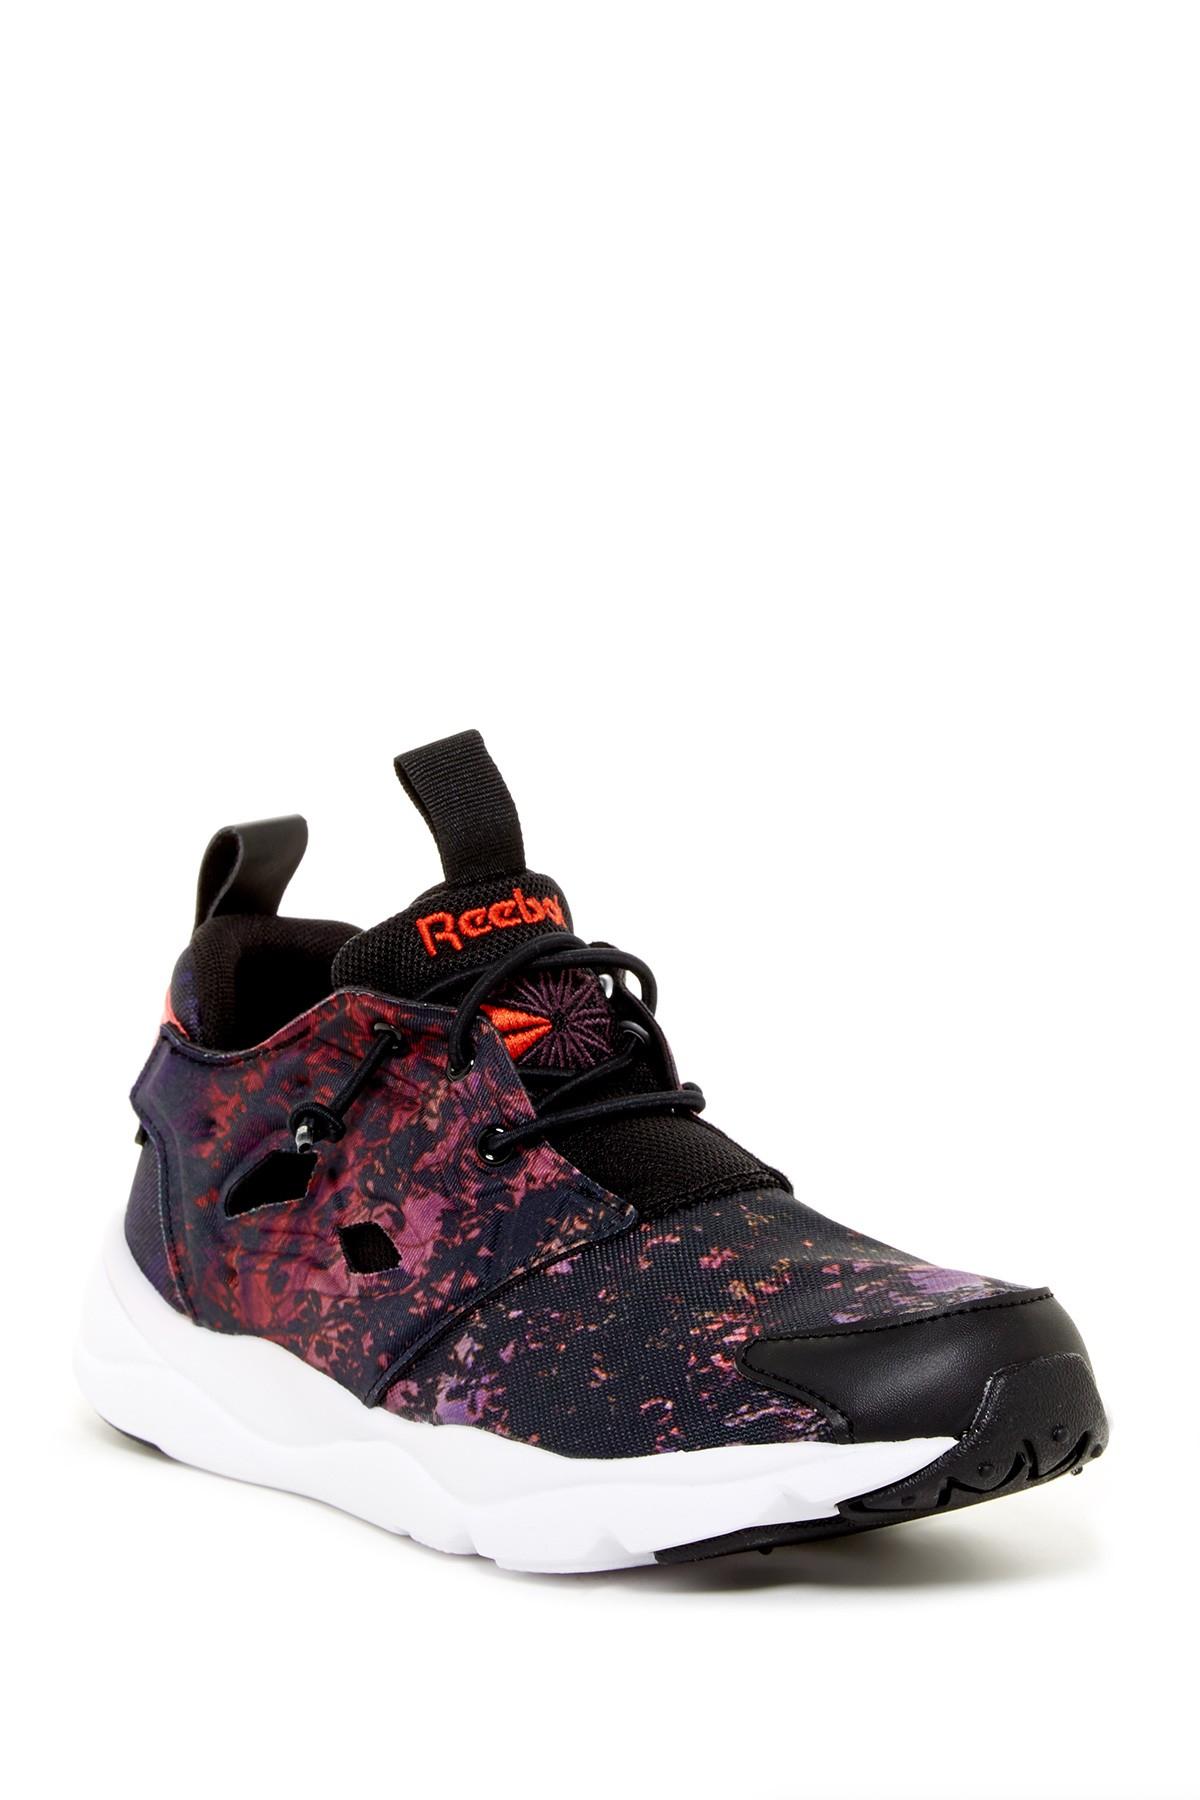 Lyst - Reebok Furylite Classic Sneaker 5da67dde7